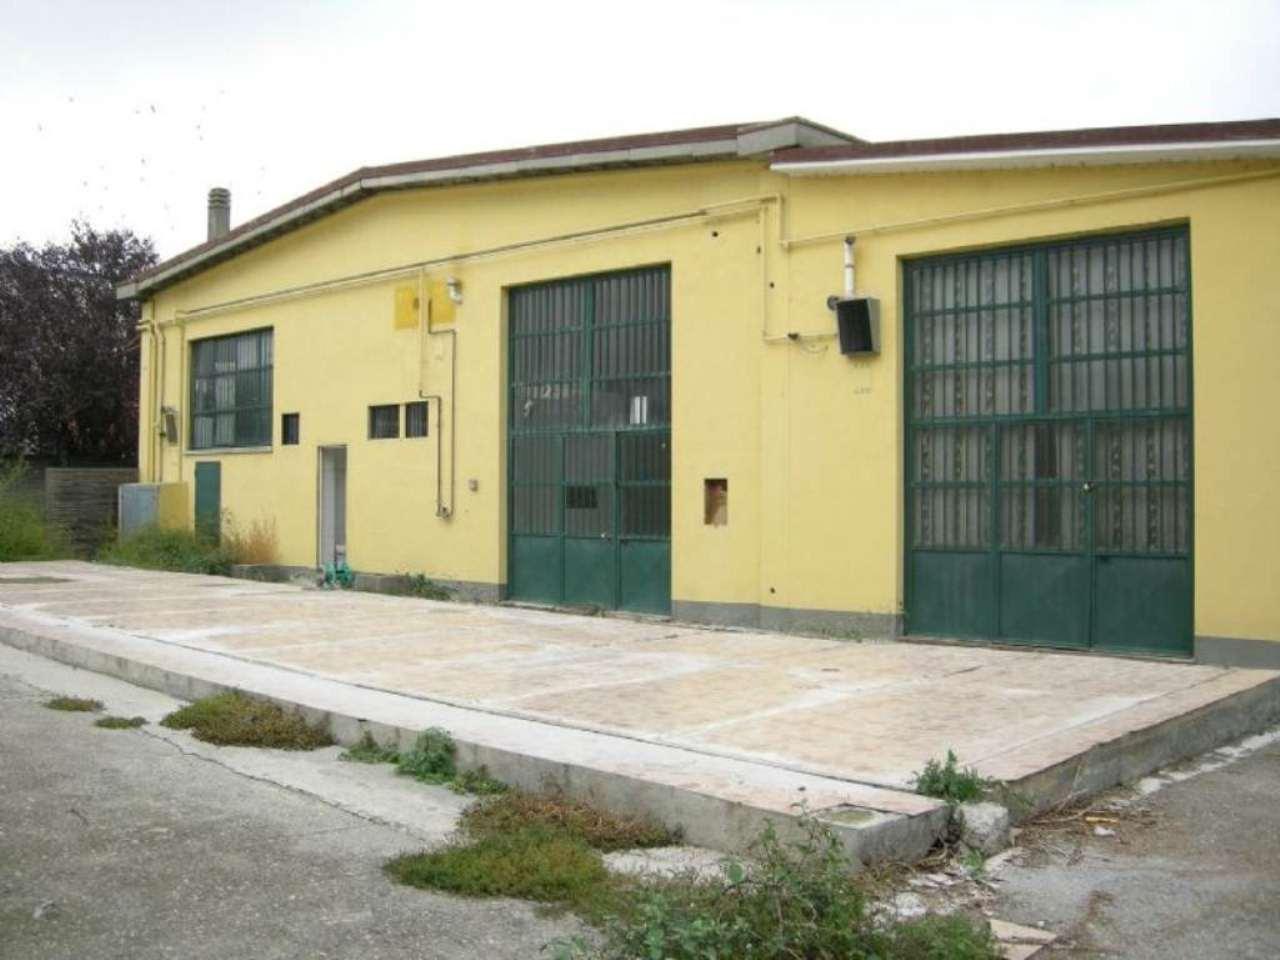 Capannone in vendita a Gorgonzola, 9999 locali, prezzo € 549.000 | CambioCasa.it